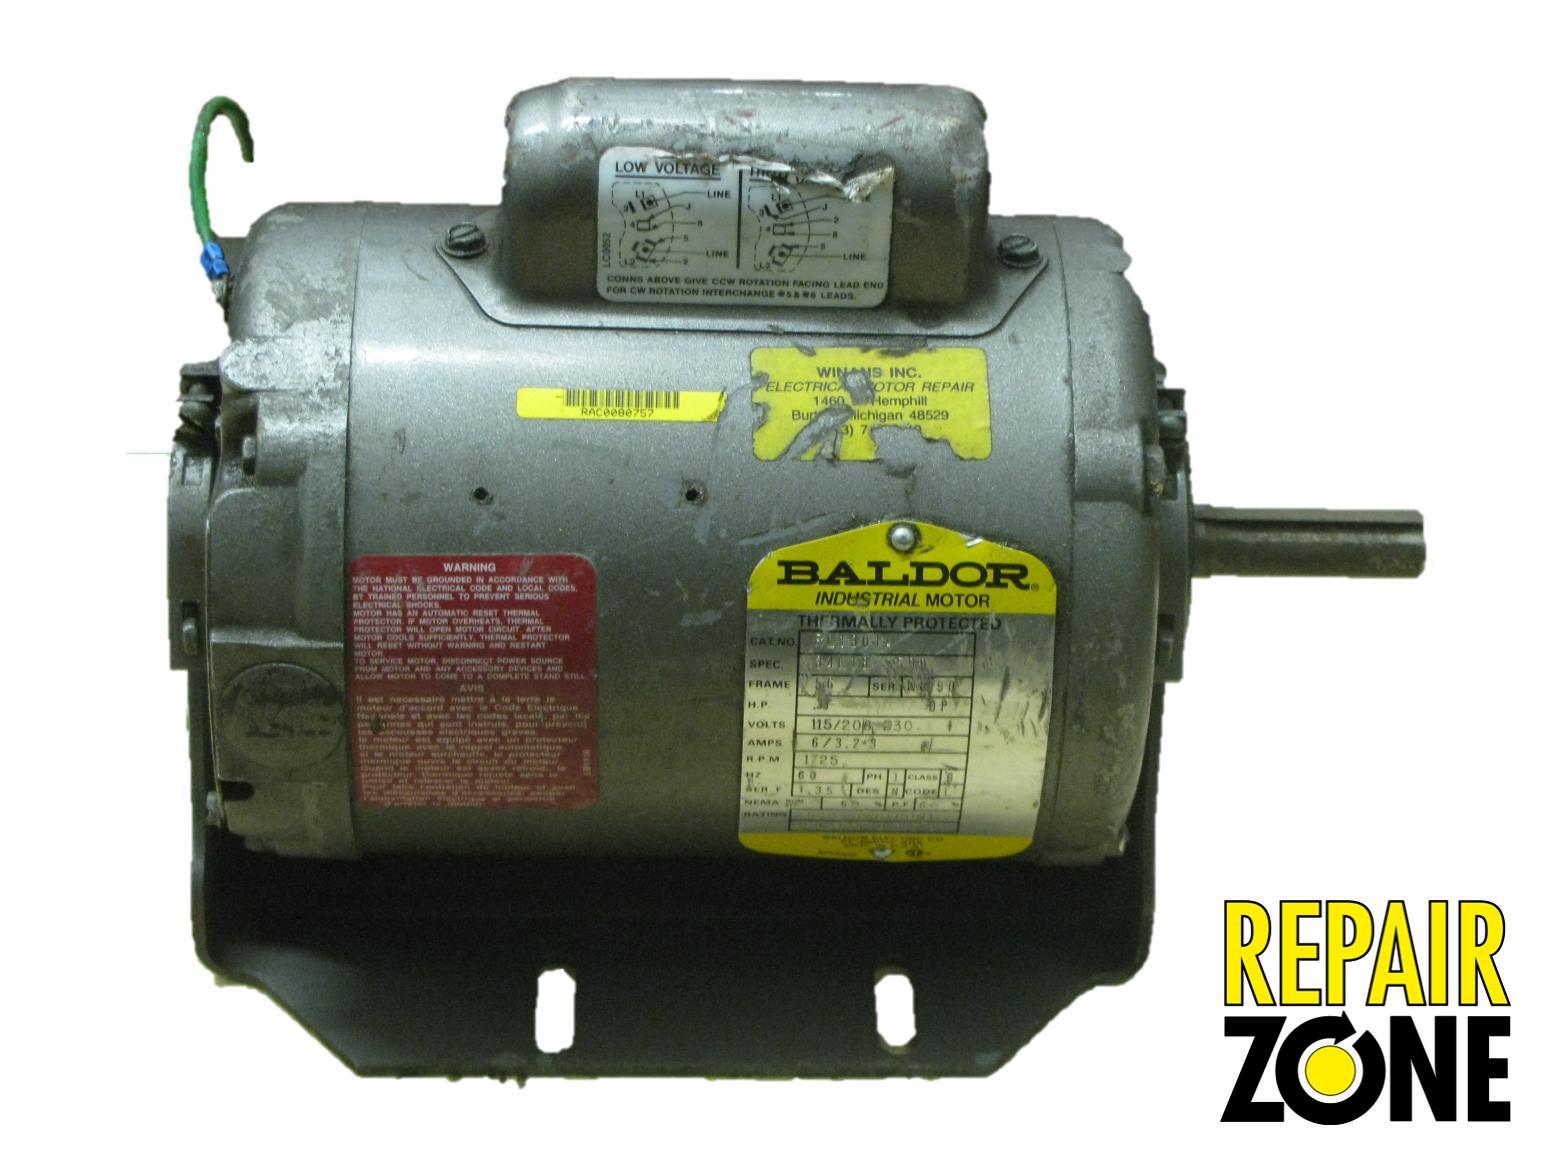 Rl1301a Baldor Single Phase Motor Liquidation: baldor motor repair